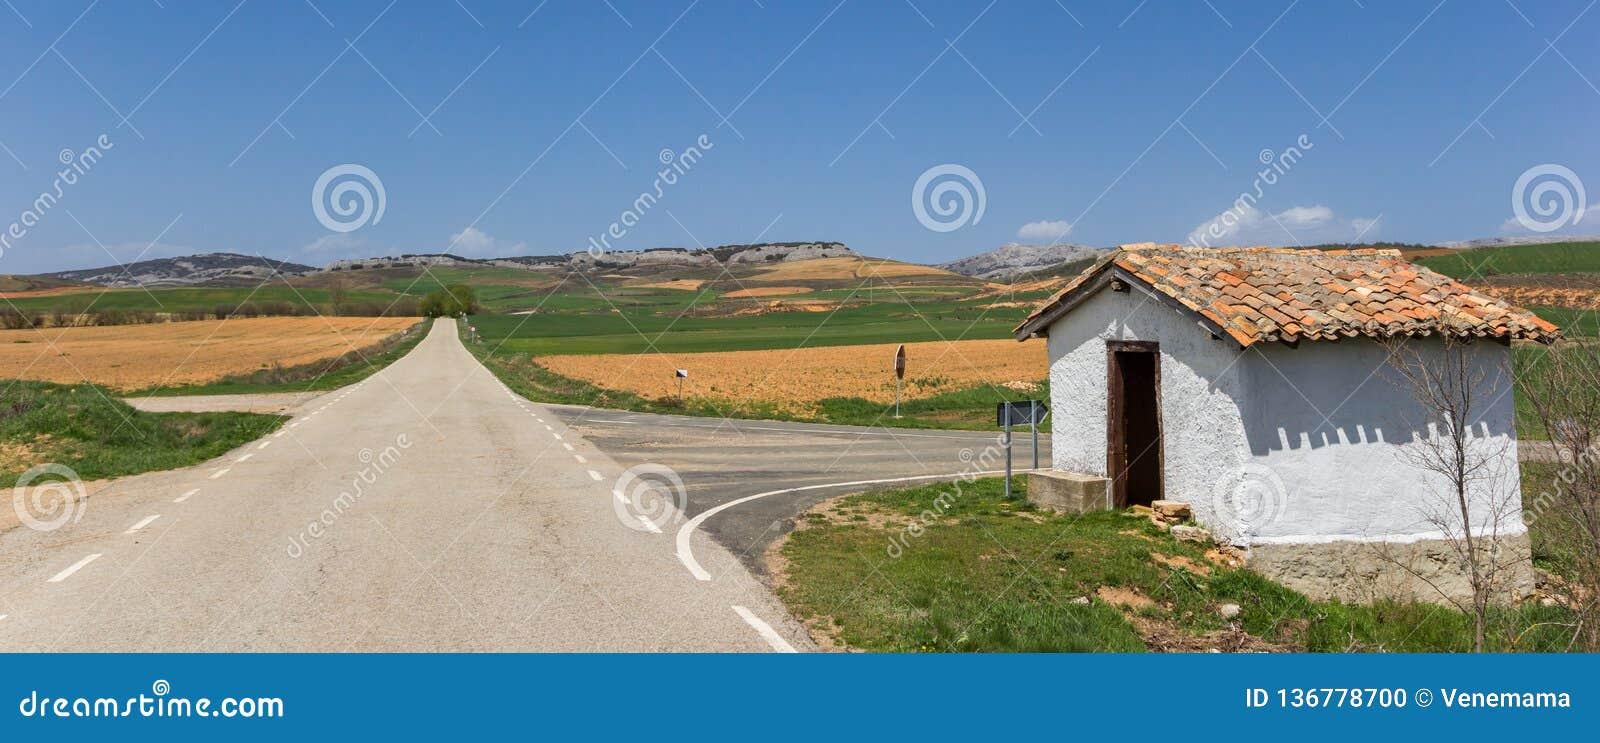 Drogowy i biel dom w krajobrazie Castilla y Leon trochę